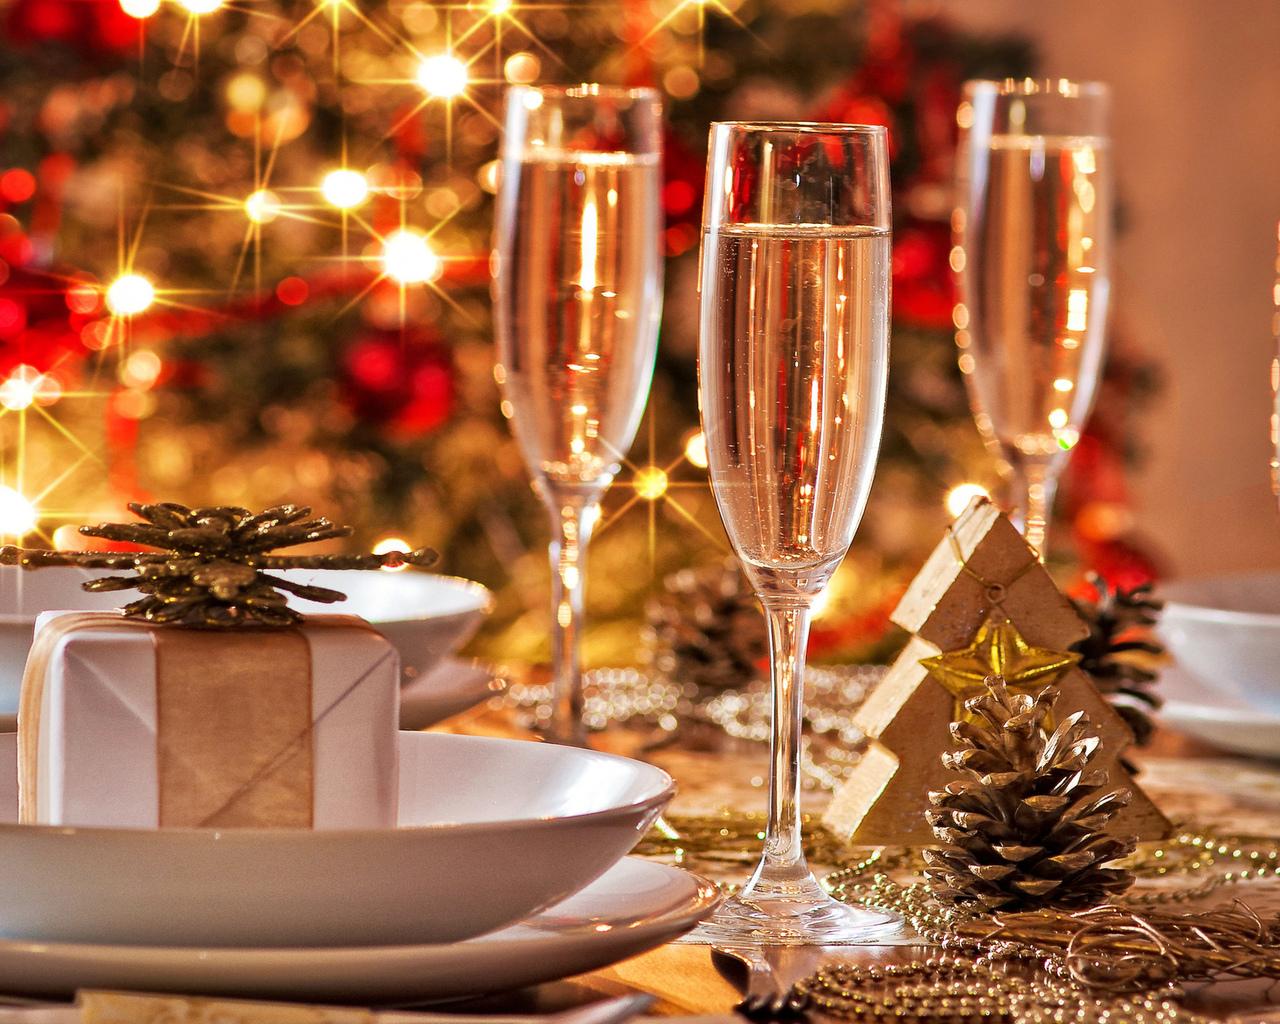 Присутствие на новогоднем столе символов нового года обязательно